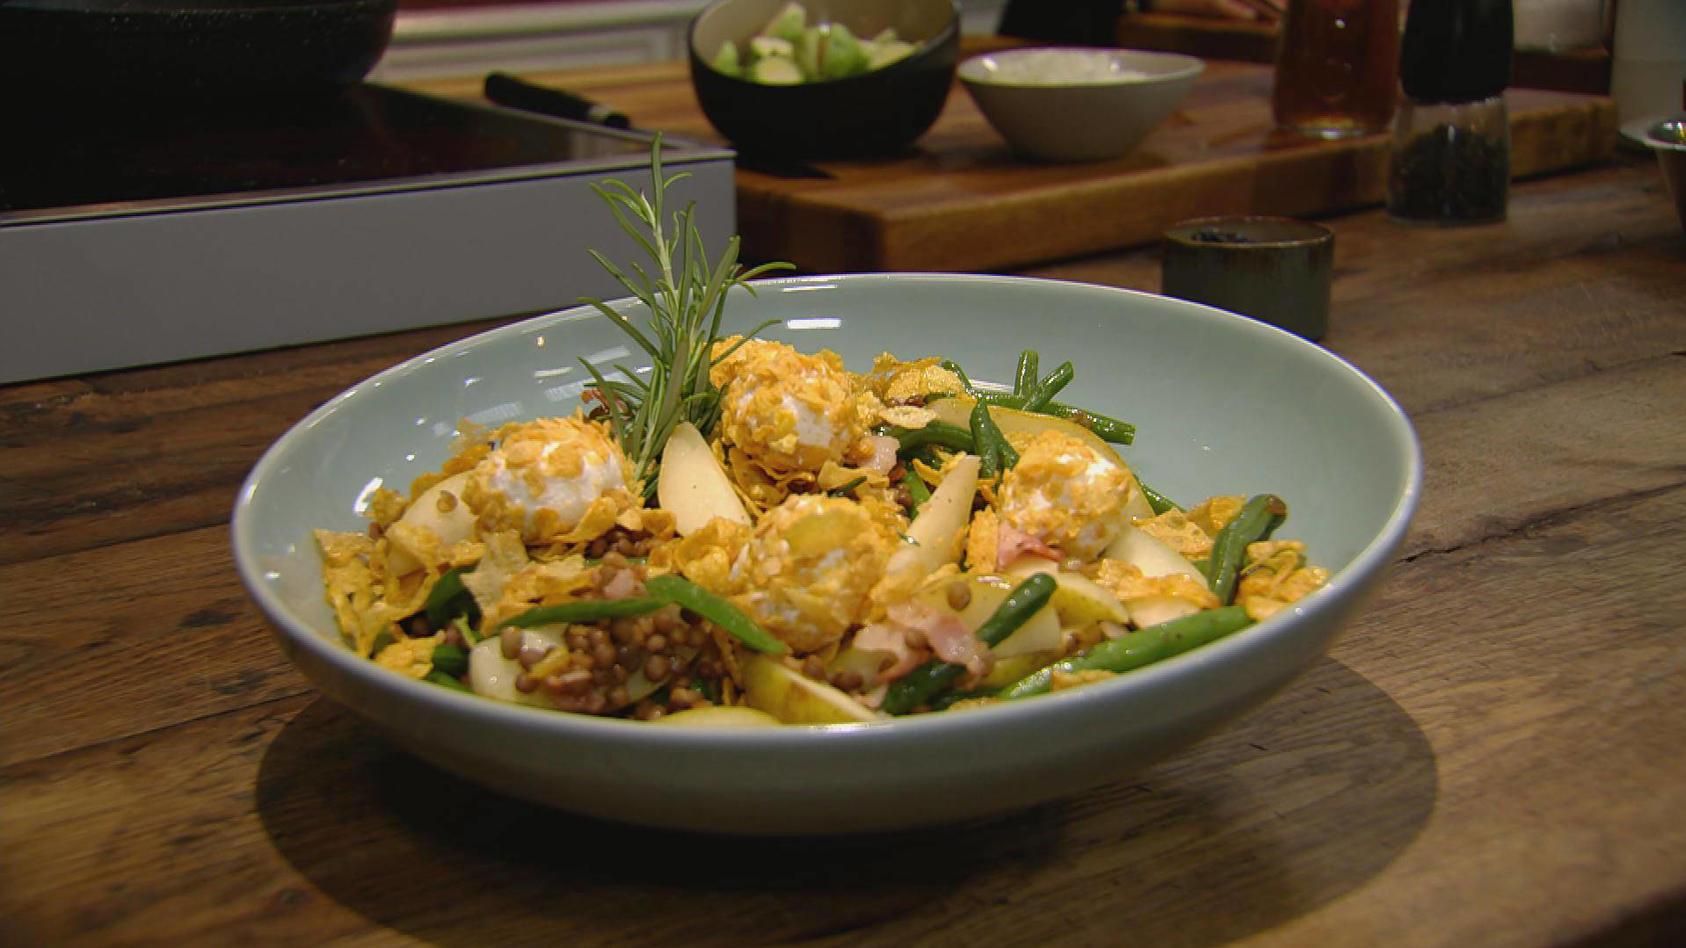 Sugar & Spice – Süß trifft herzhaft: Birnen-Bohnen-Speck-Salat